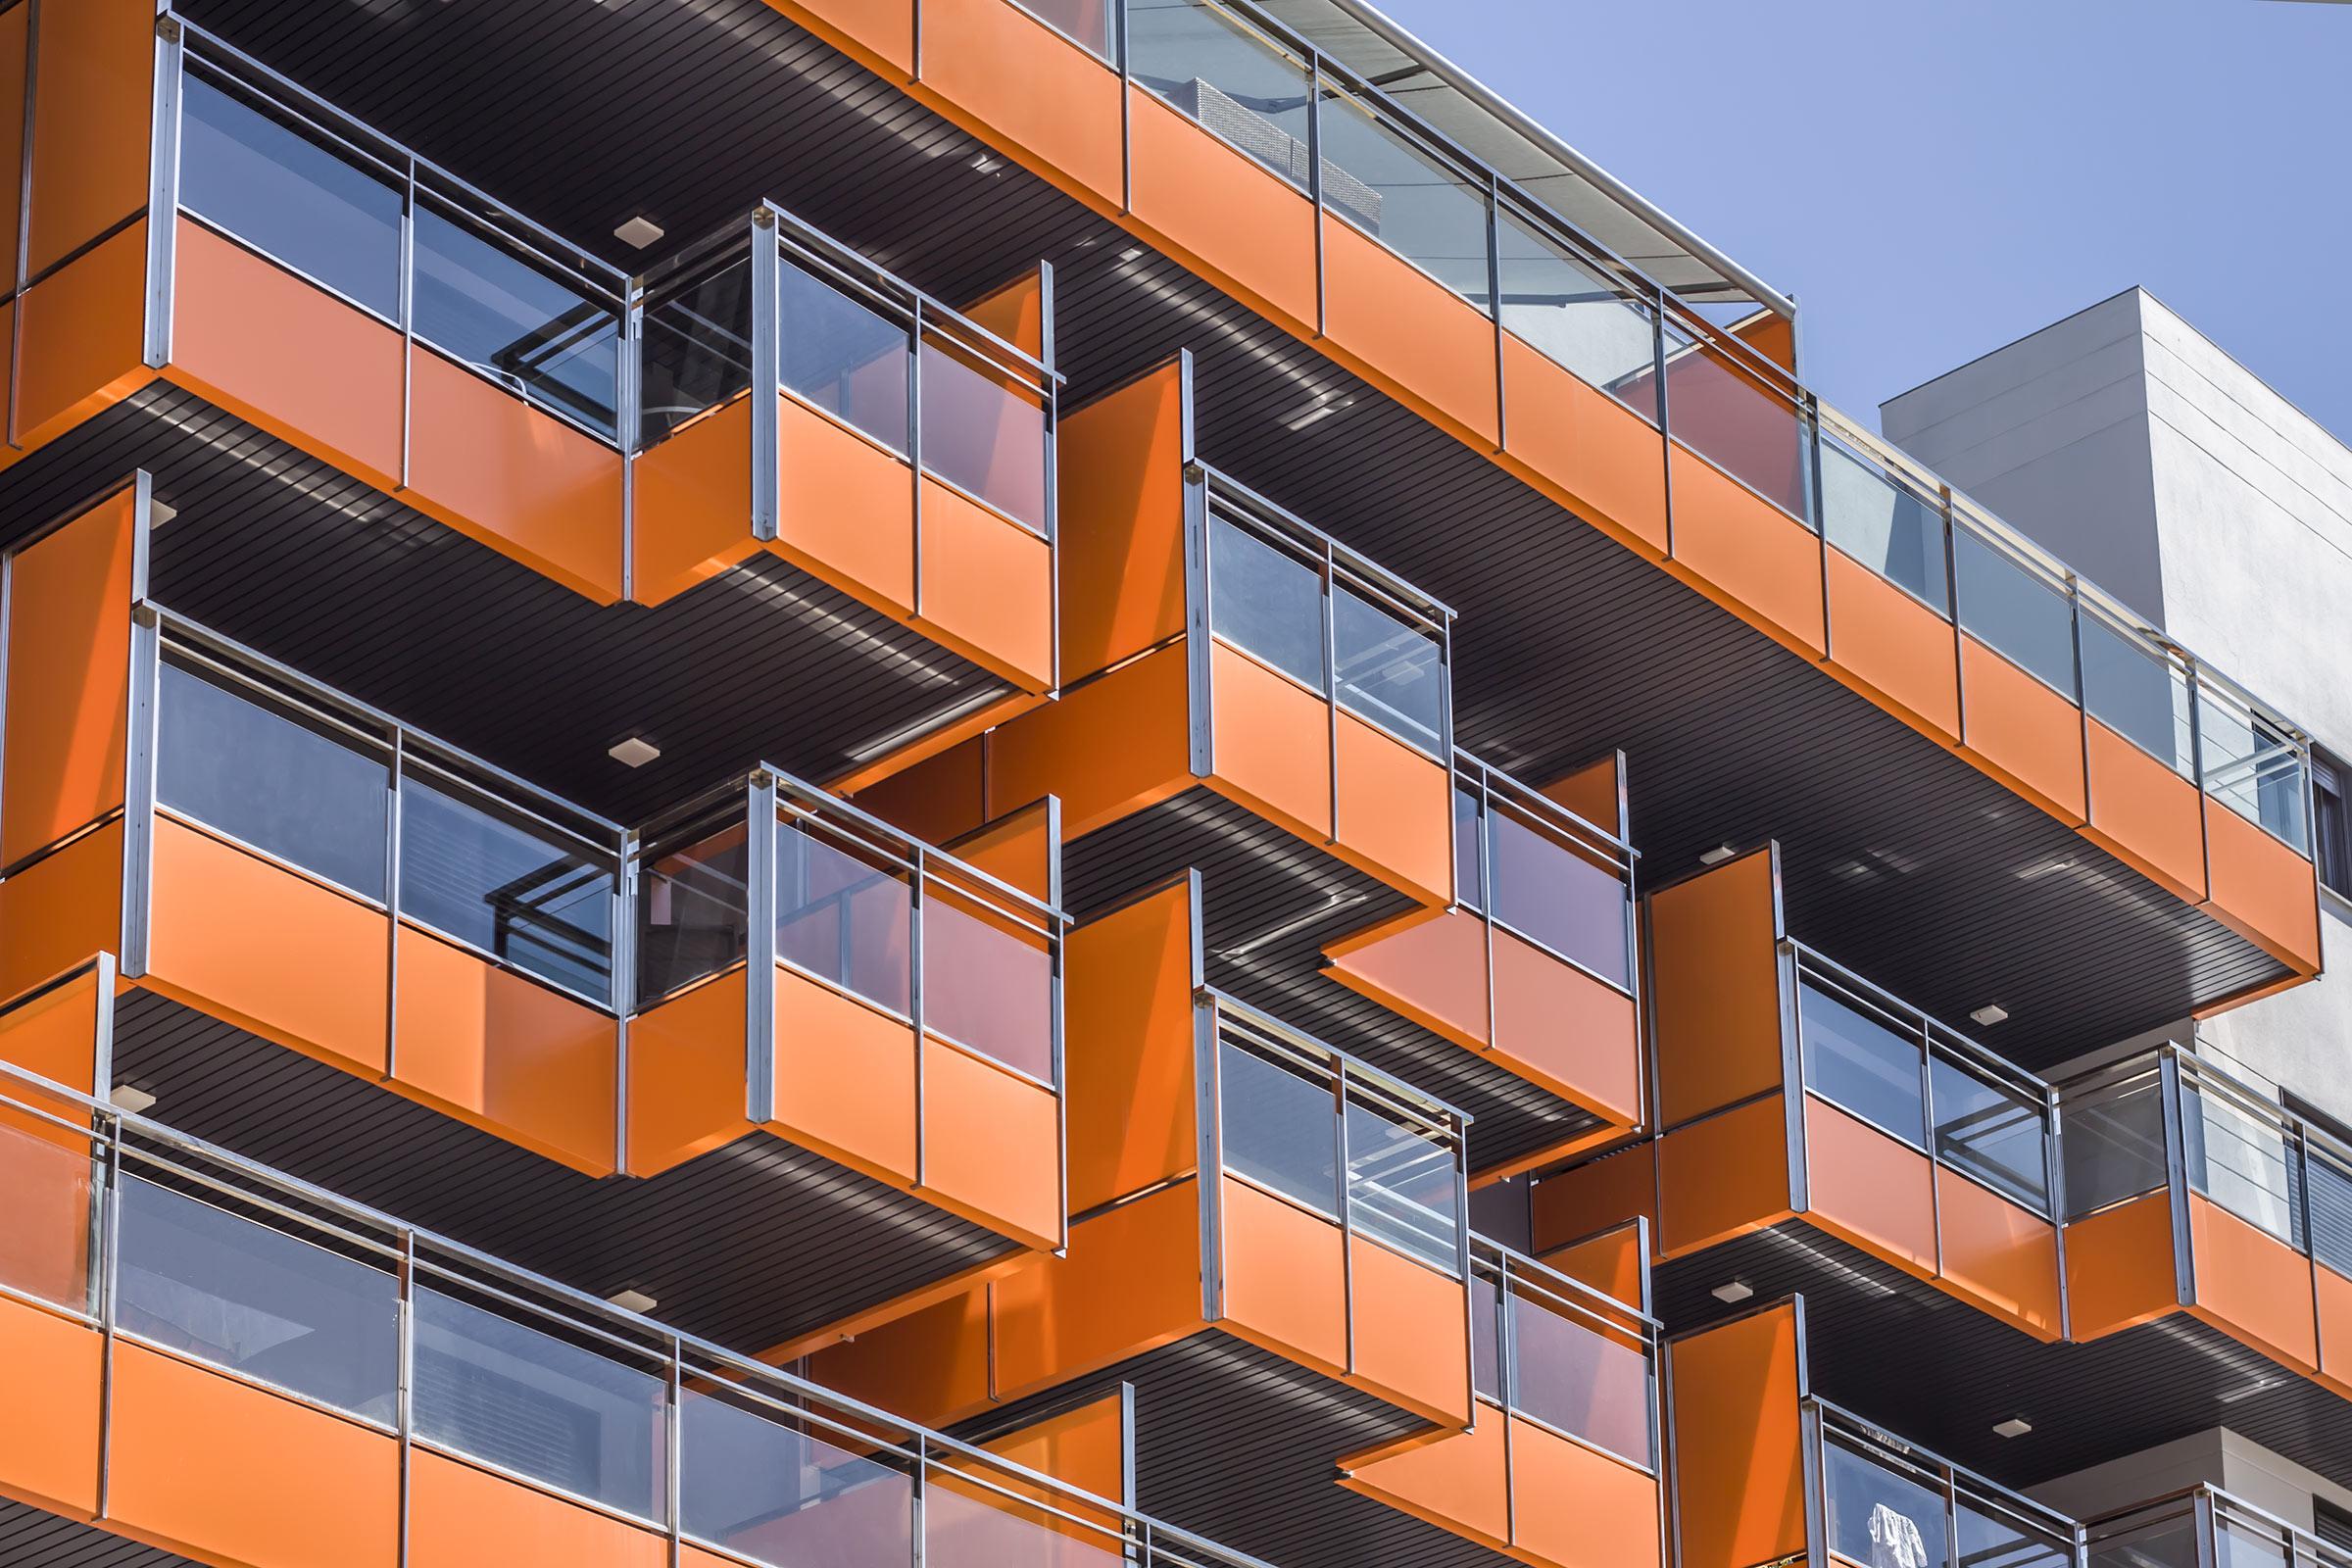 edificio-residencial-cordoba-detalle-STB-495